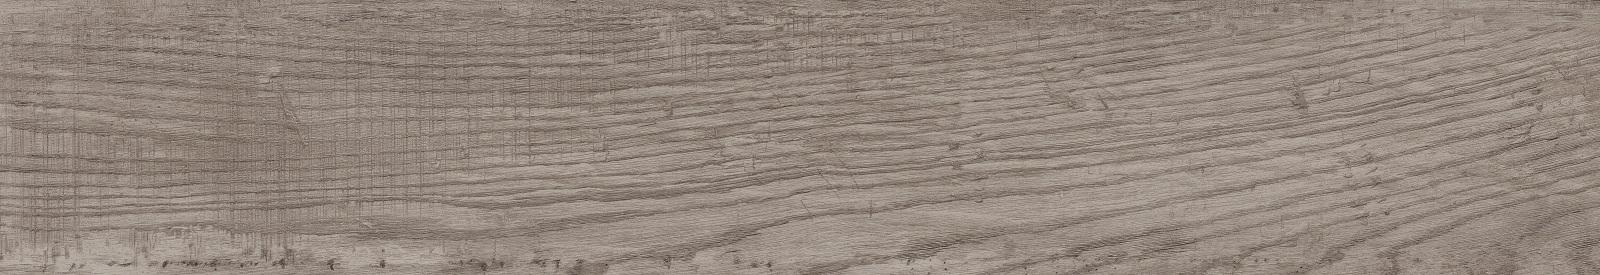 Керамогранит Zeus Ceramicа Allwood Grigio 15х90 Zzxwu8r